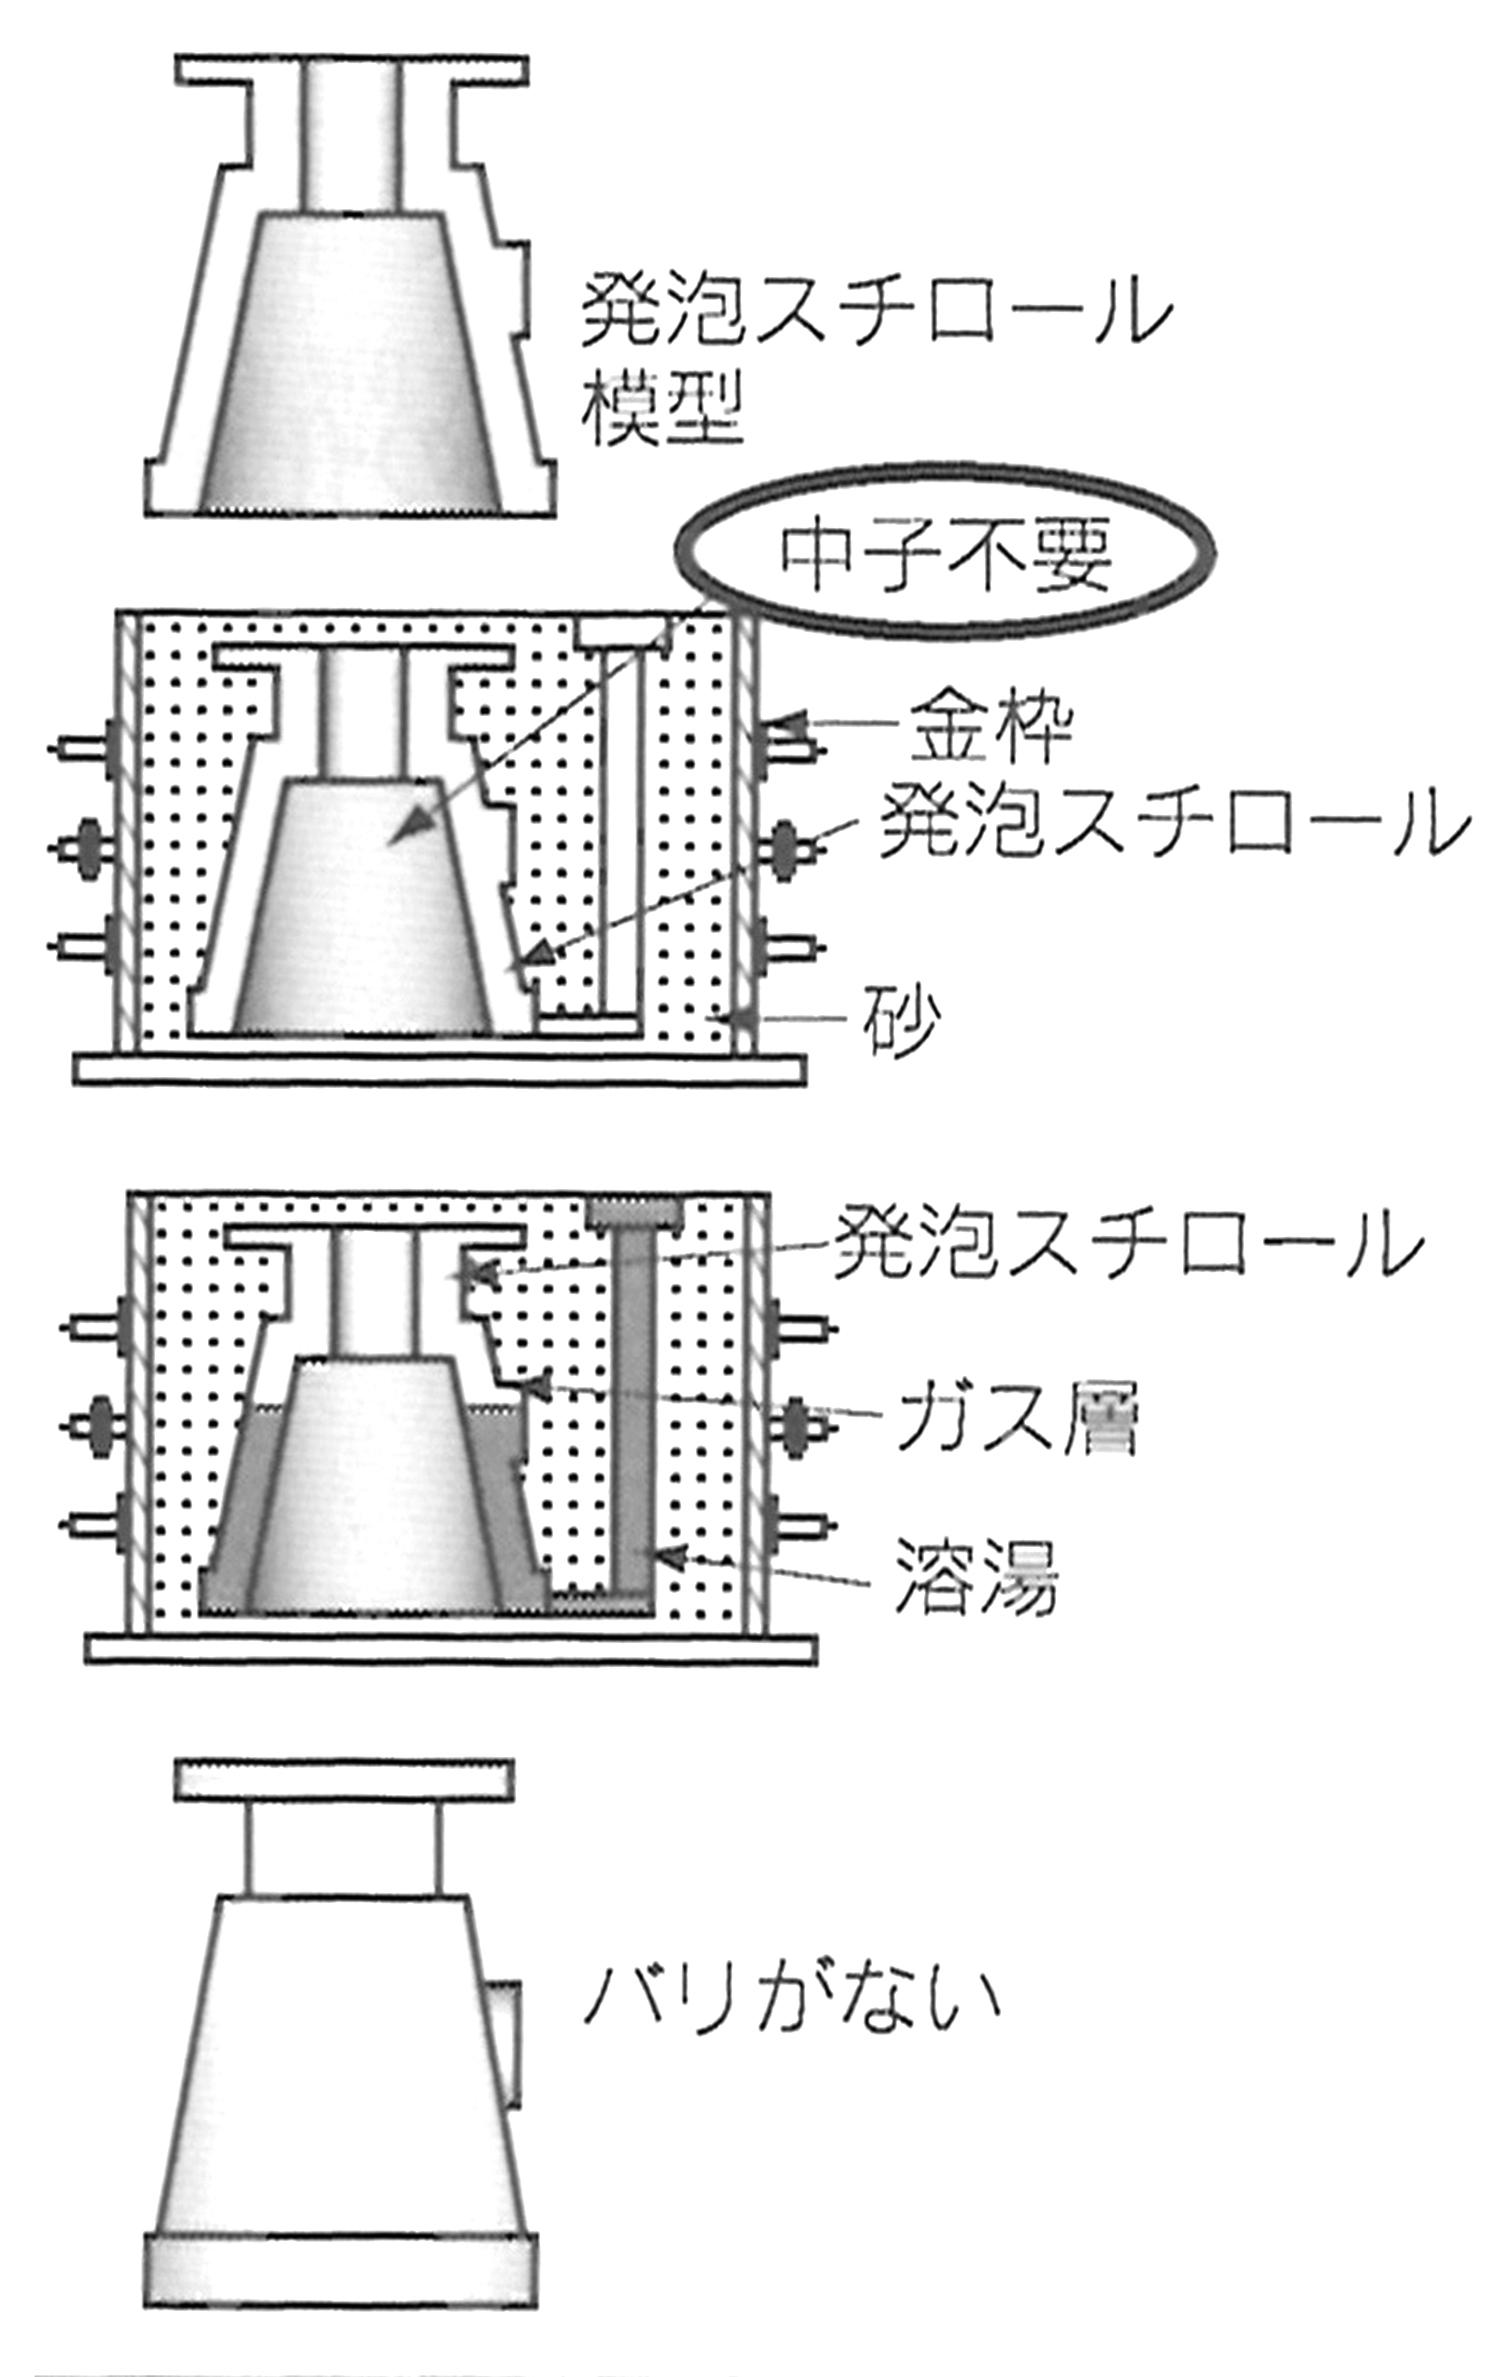 フルモールド鋳造法